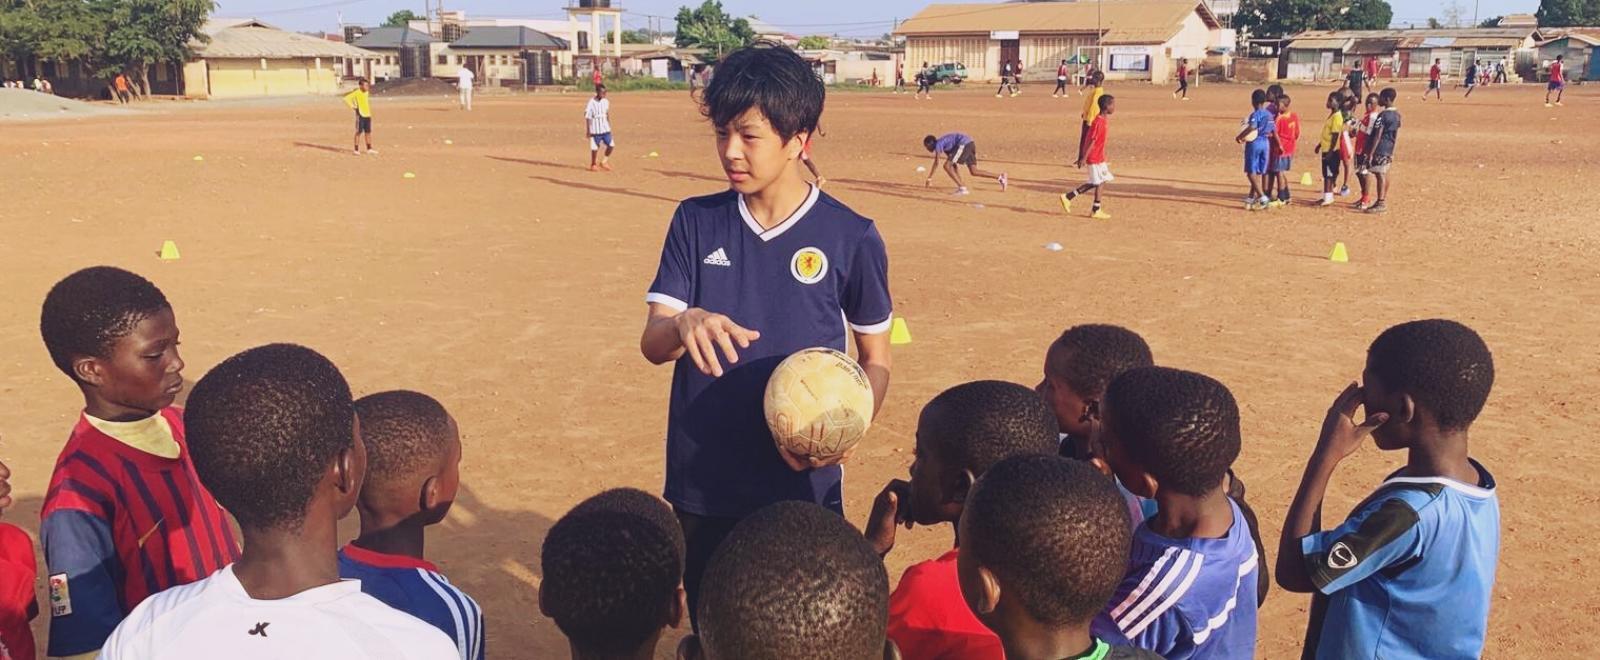 ガーナの子供たちへのサッカー指導にあたる日本人ボランティア